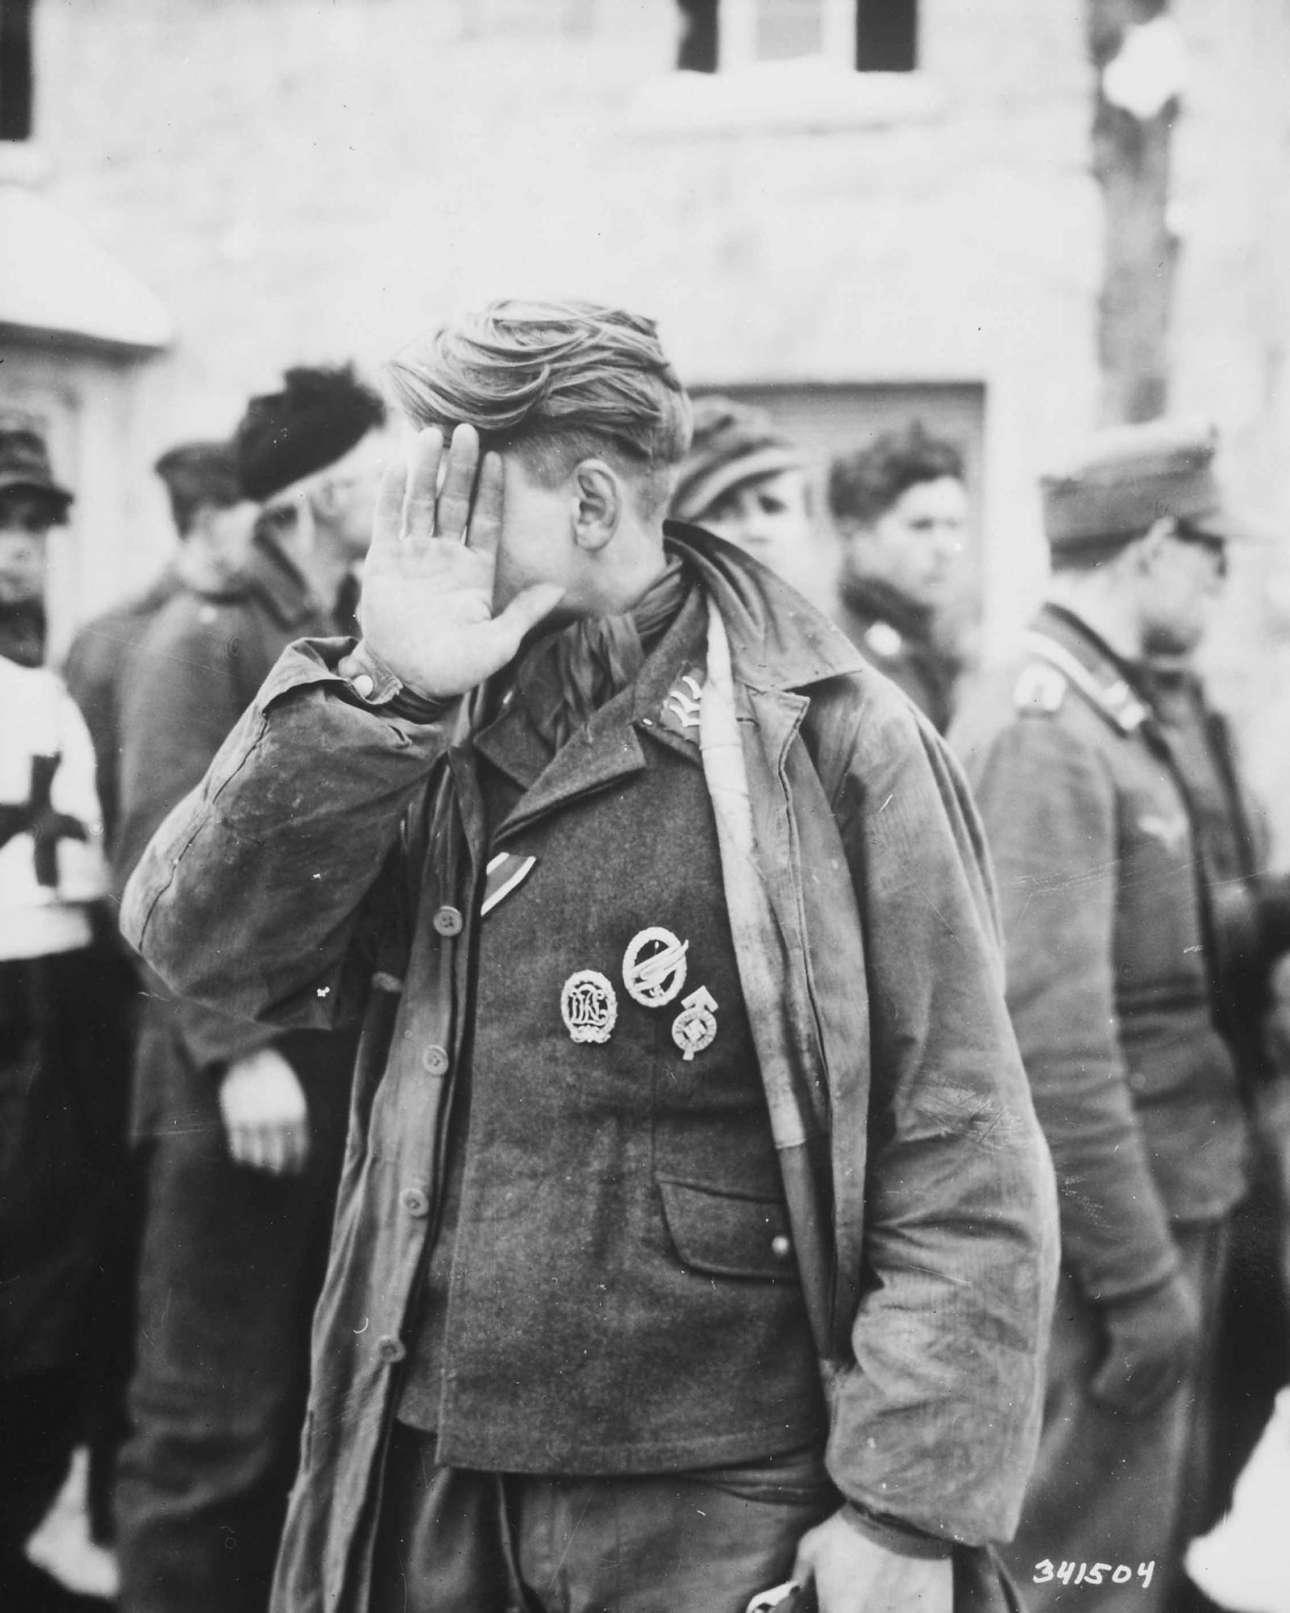 Ιανουάριος 1944, Βέλγιο: ο γερμανός αιχμάλωτος δεν θέλει να συλληφθεί (και) από την κάμερα, έτσι κρύβει το πρόσωπό του